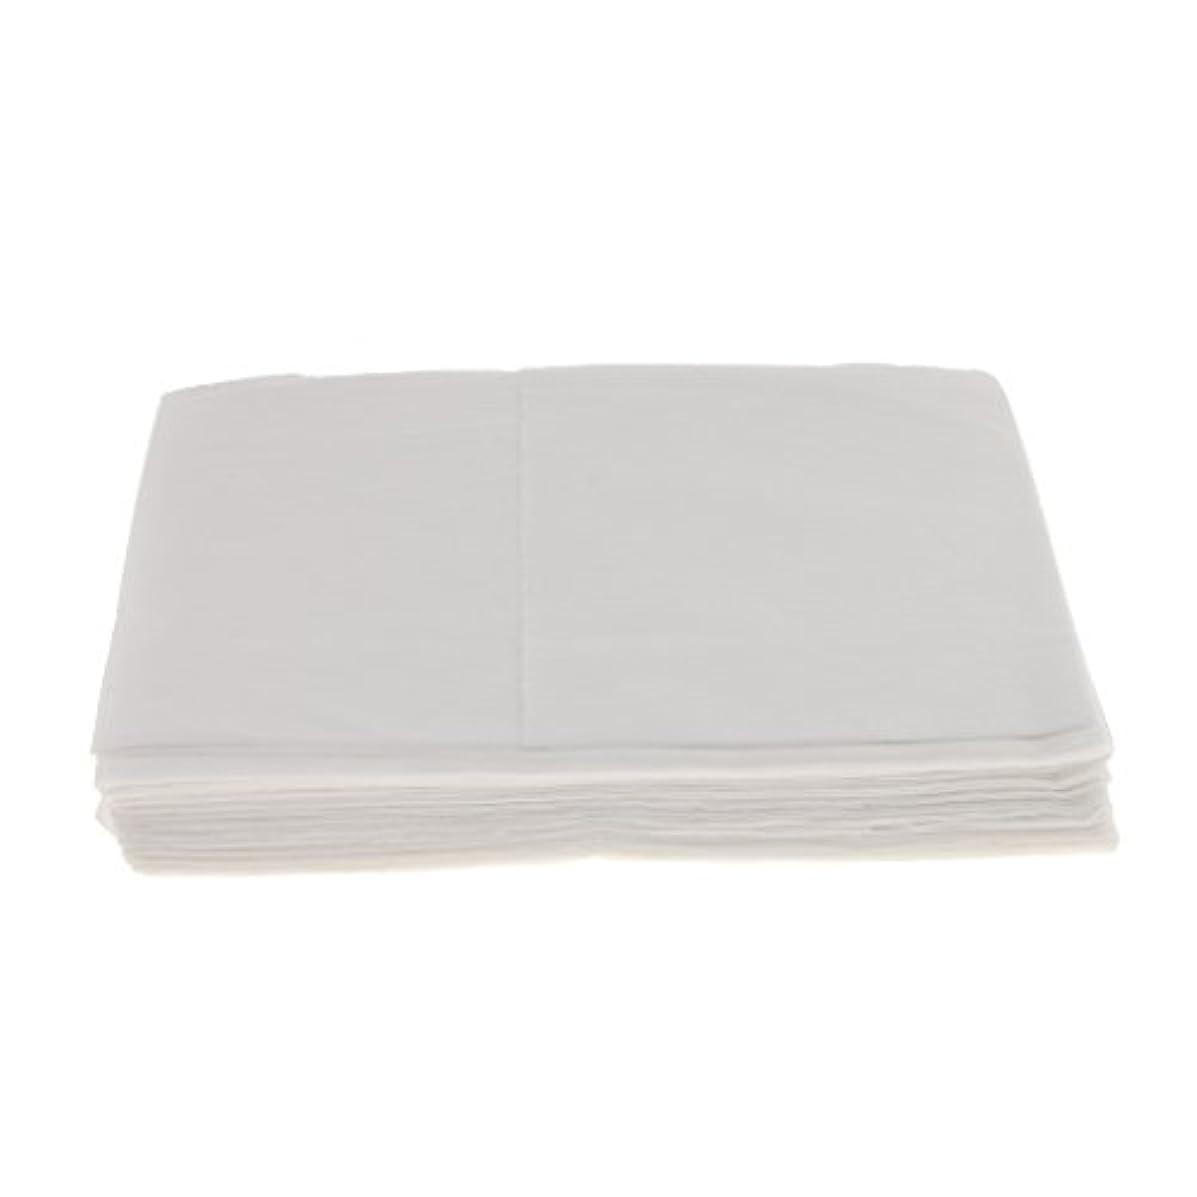 賠償トライアスロン非アクティブBaosity 10枚 使い捨て ベッドシーツ サロン ホテル ベッドパッド カバー シート 2色選べ - 白